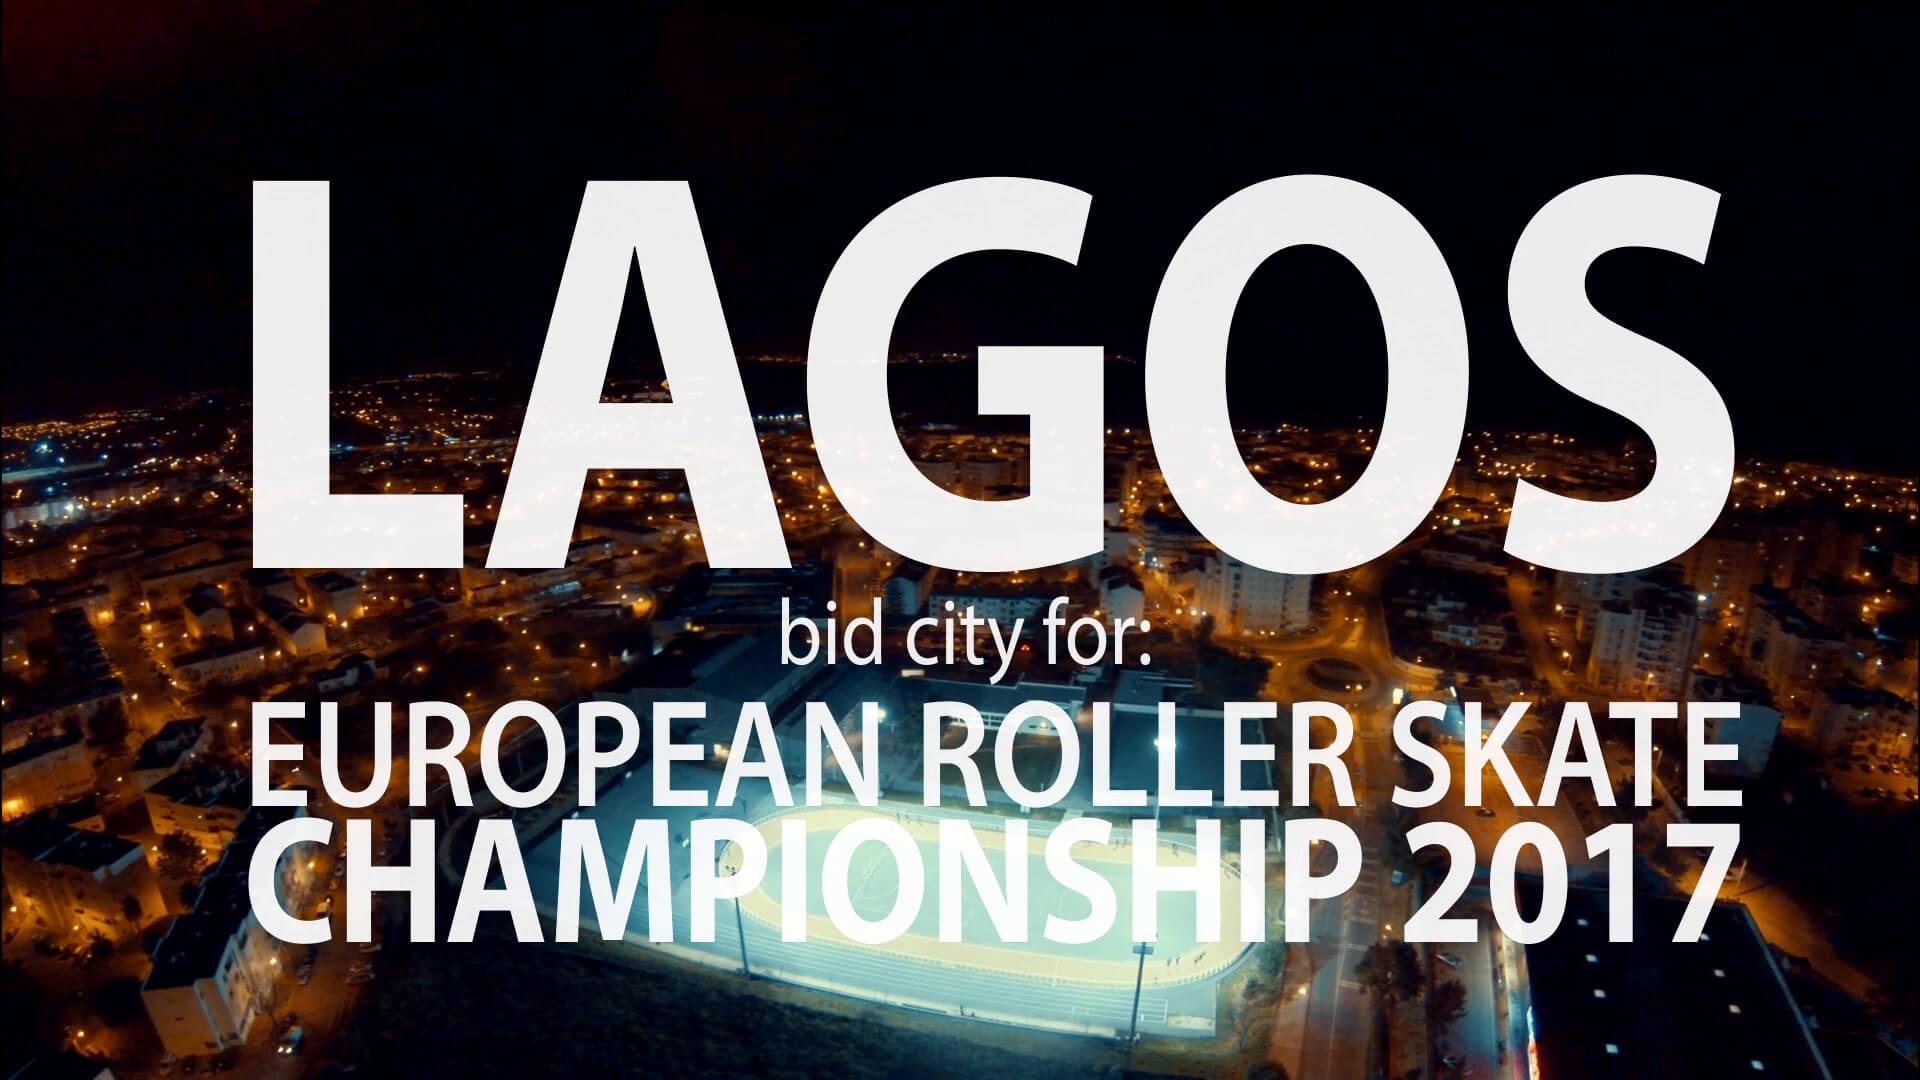 Promo European Roller Skate Championships 2017